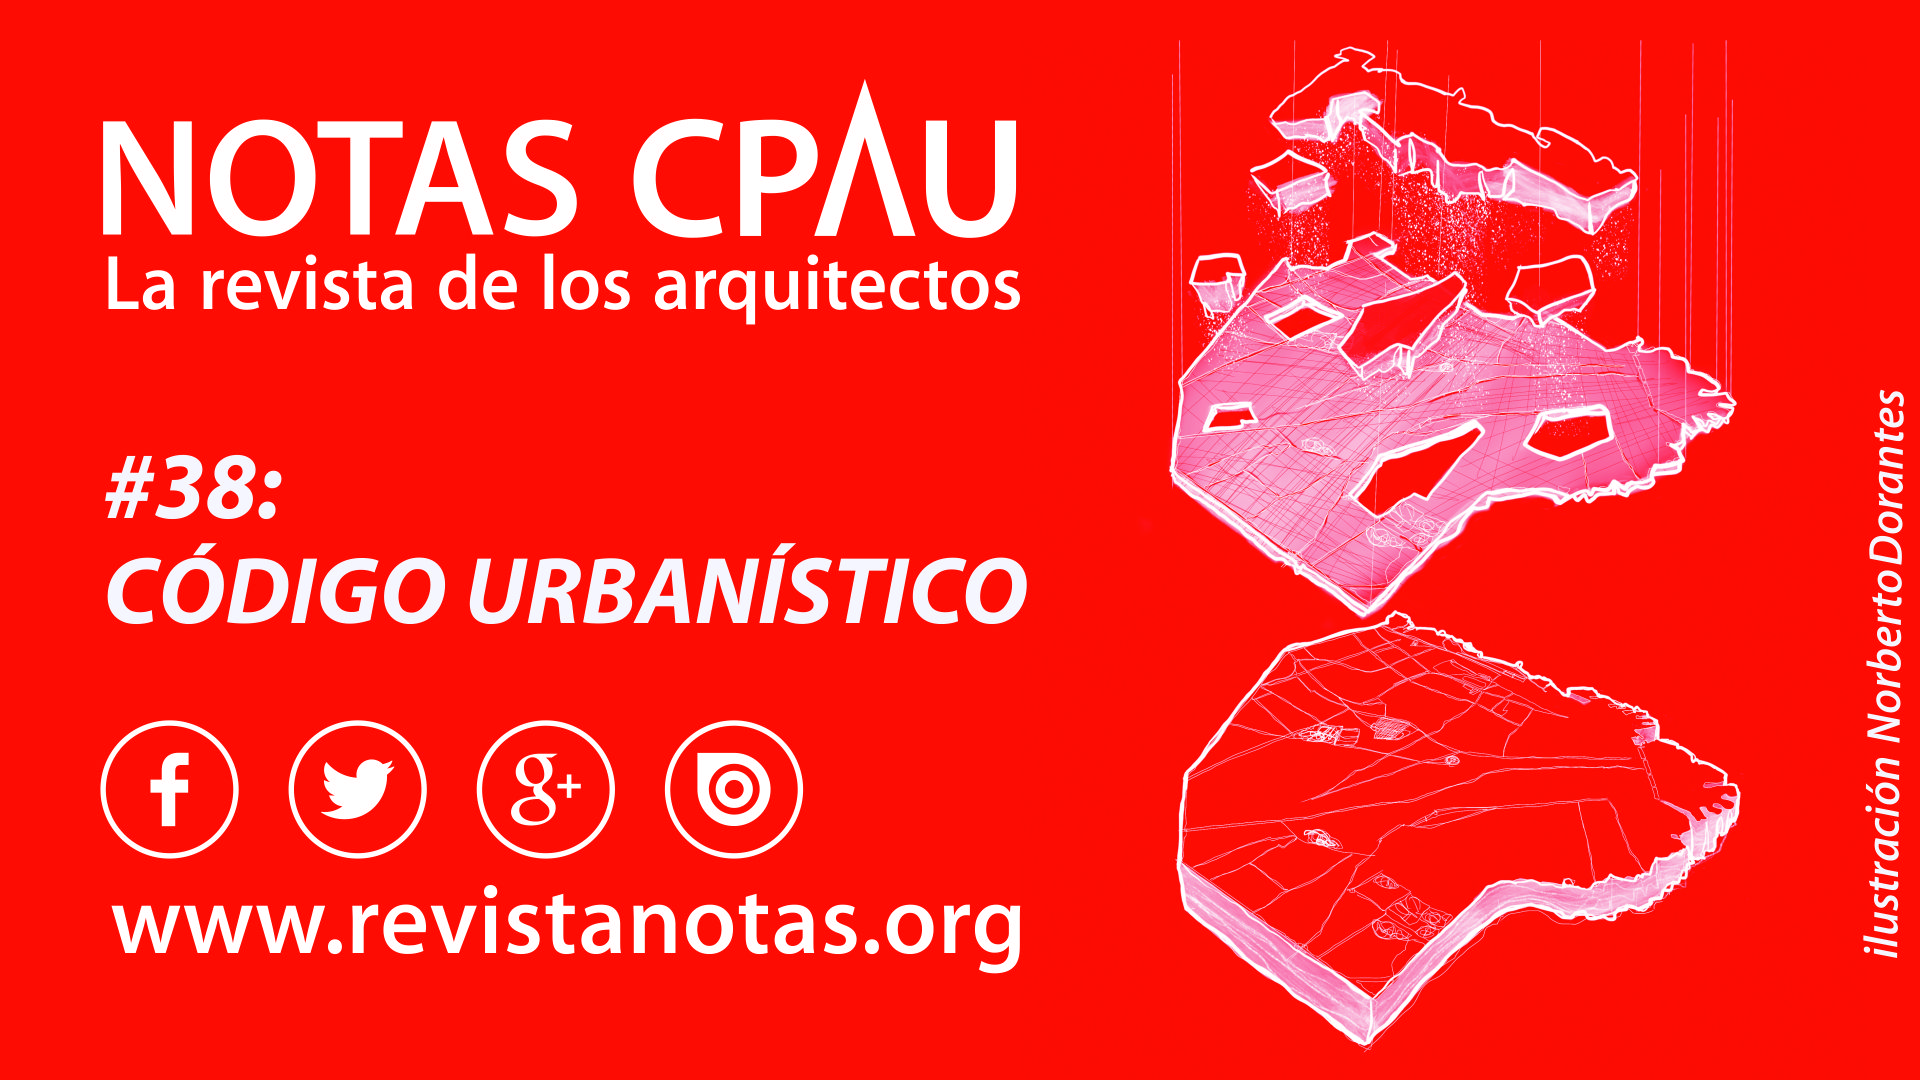 Tu Revista, Tu Consejo  NOTAS CPAU, la revista de los arquitectos!